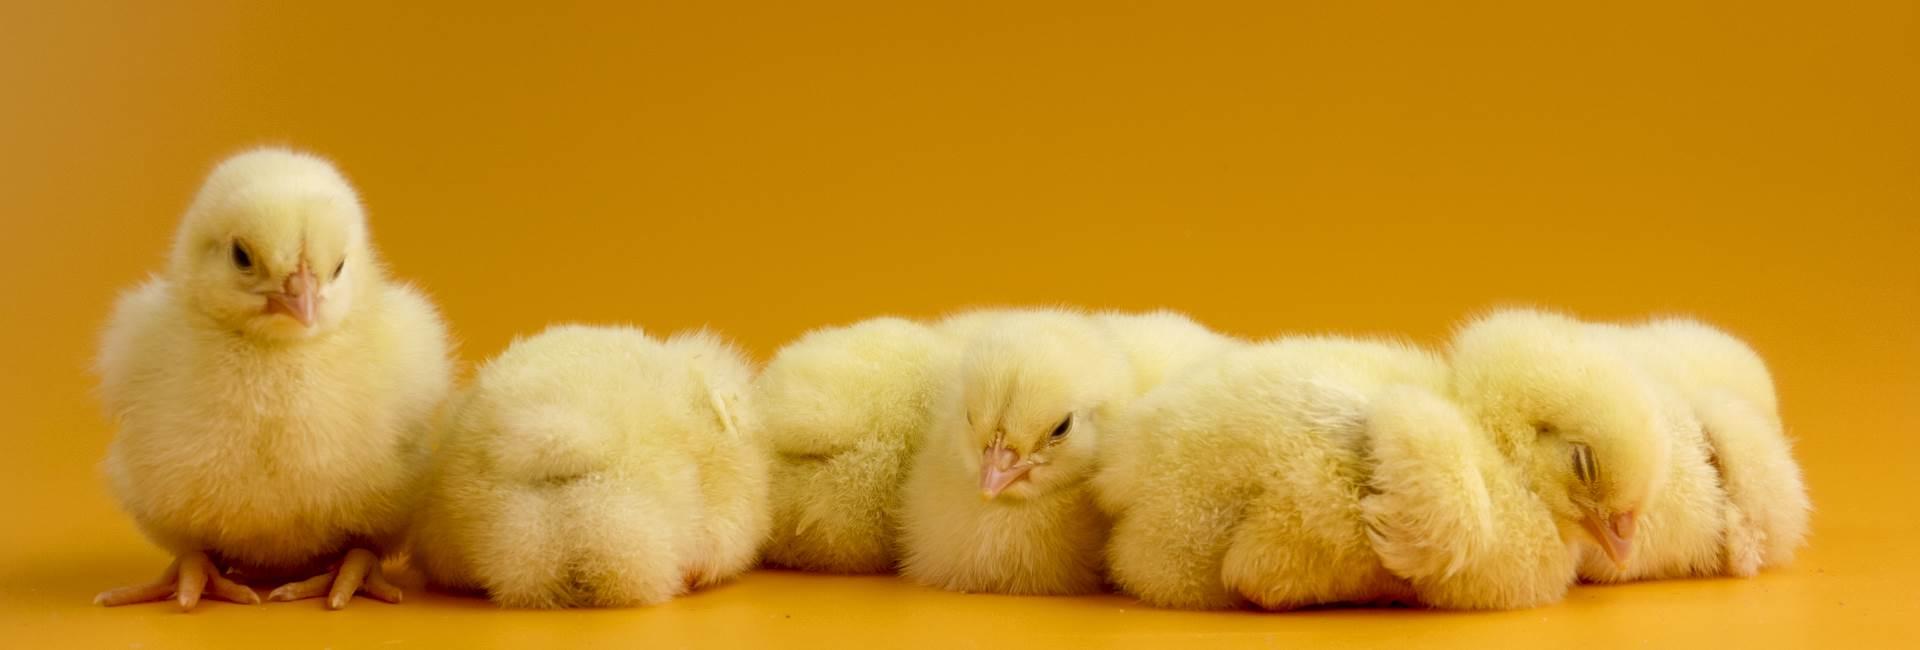 polli-fatrohellas